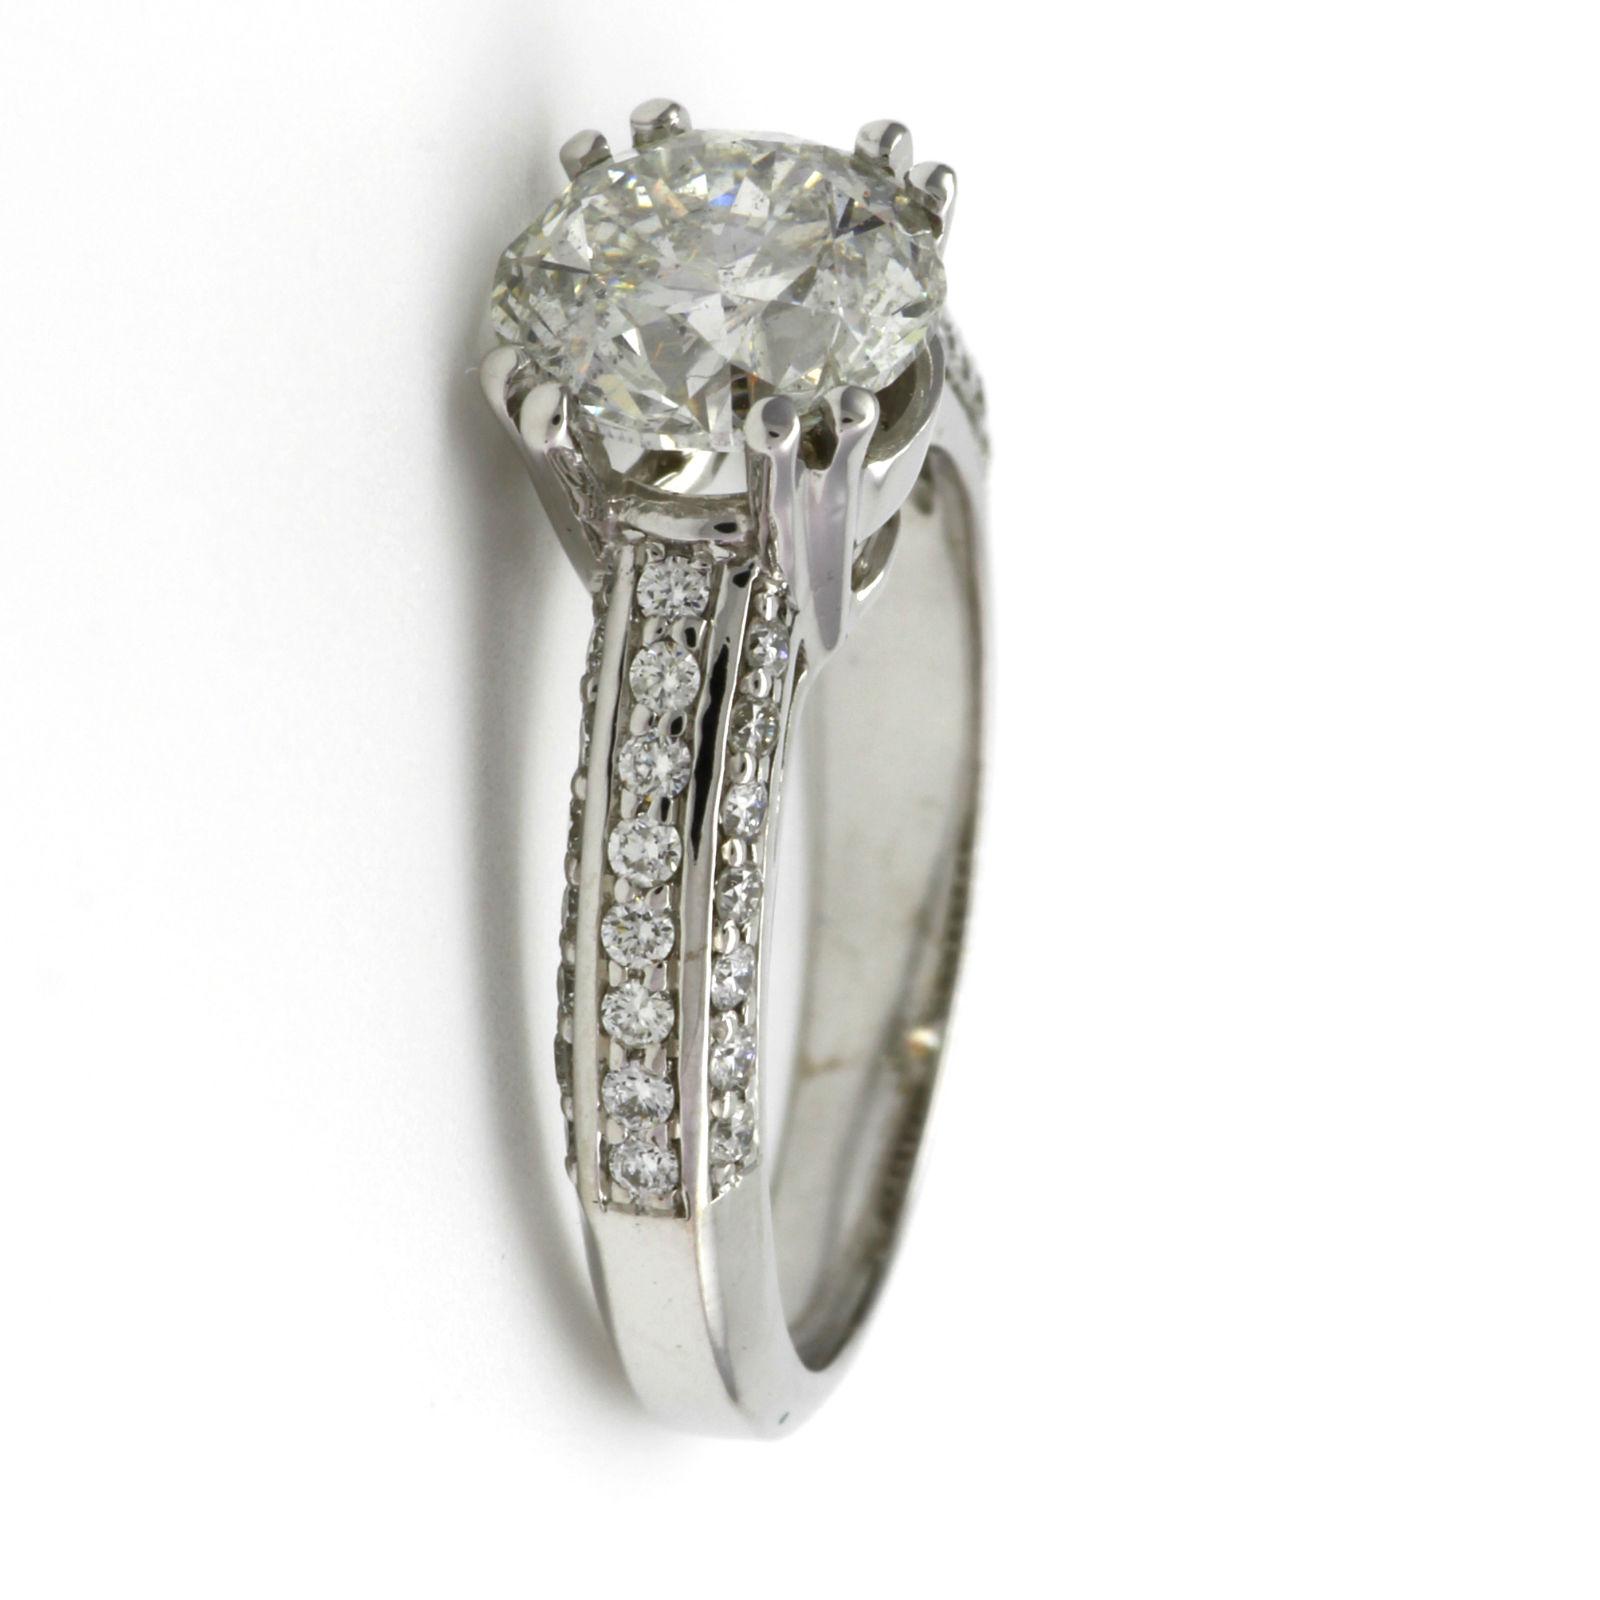 2 1 2 CT LADIES ROUND DIAMOND RING 8 PRONG 14 KARAT WHITE GOLD